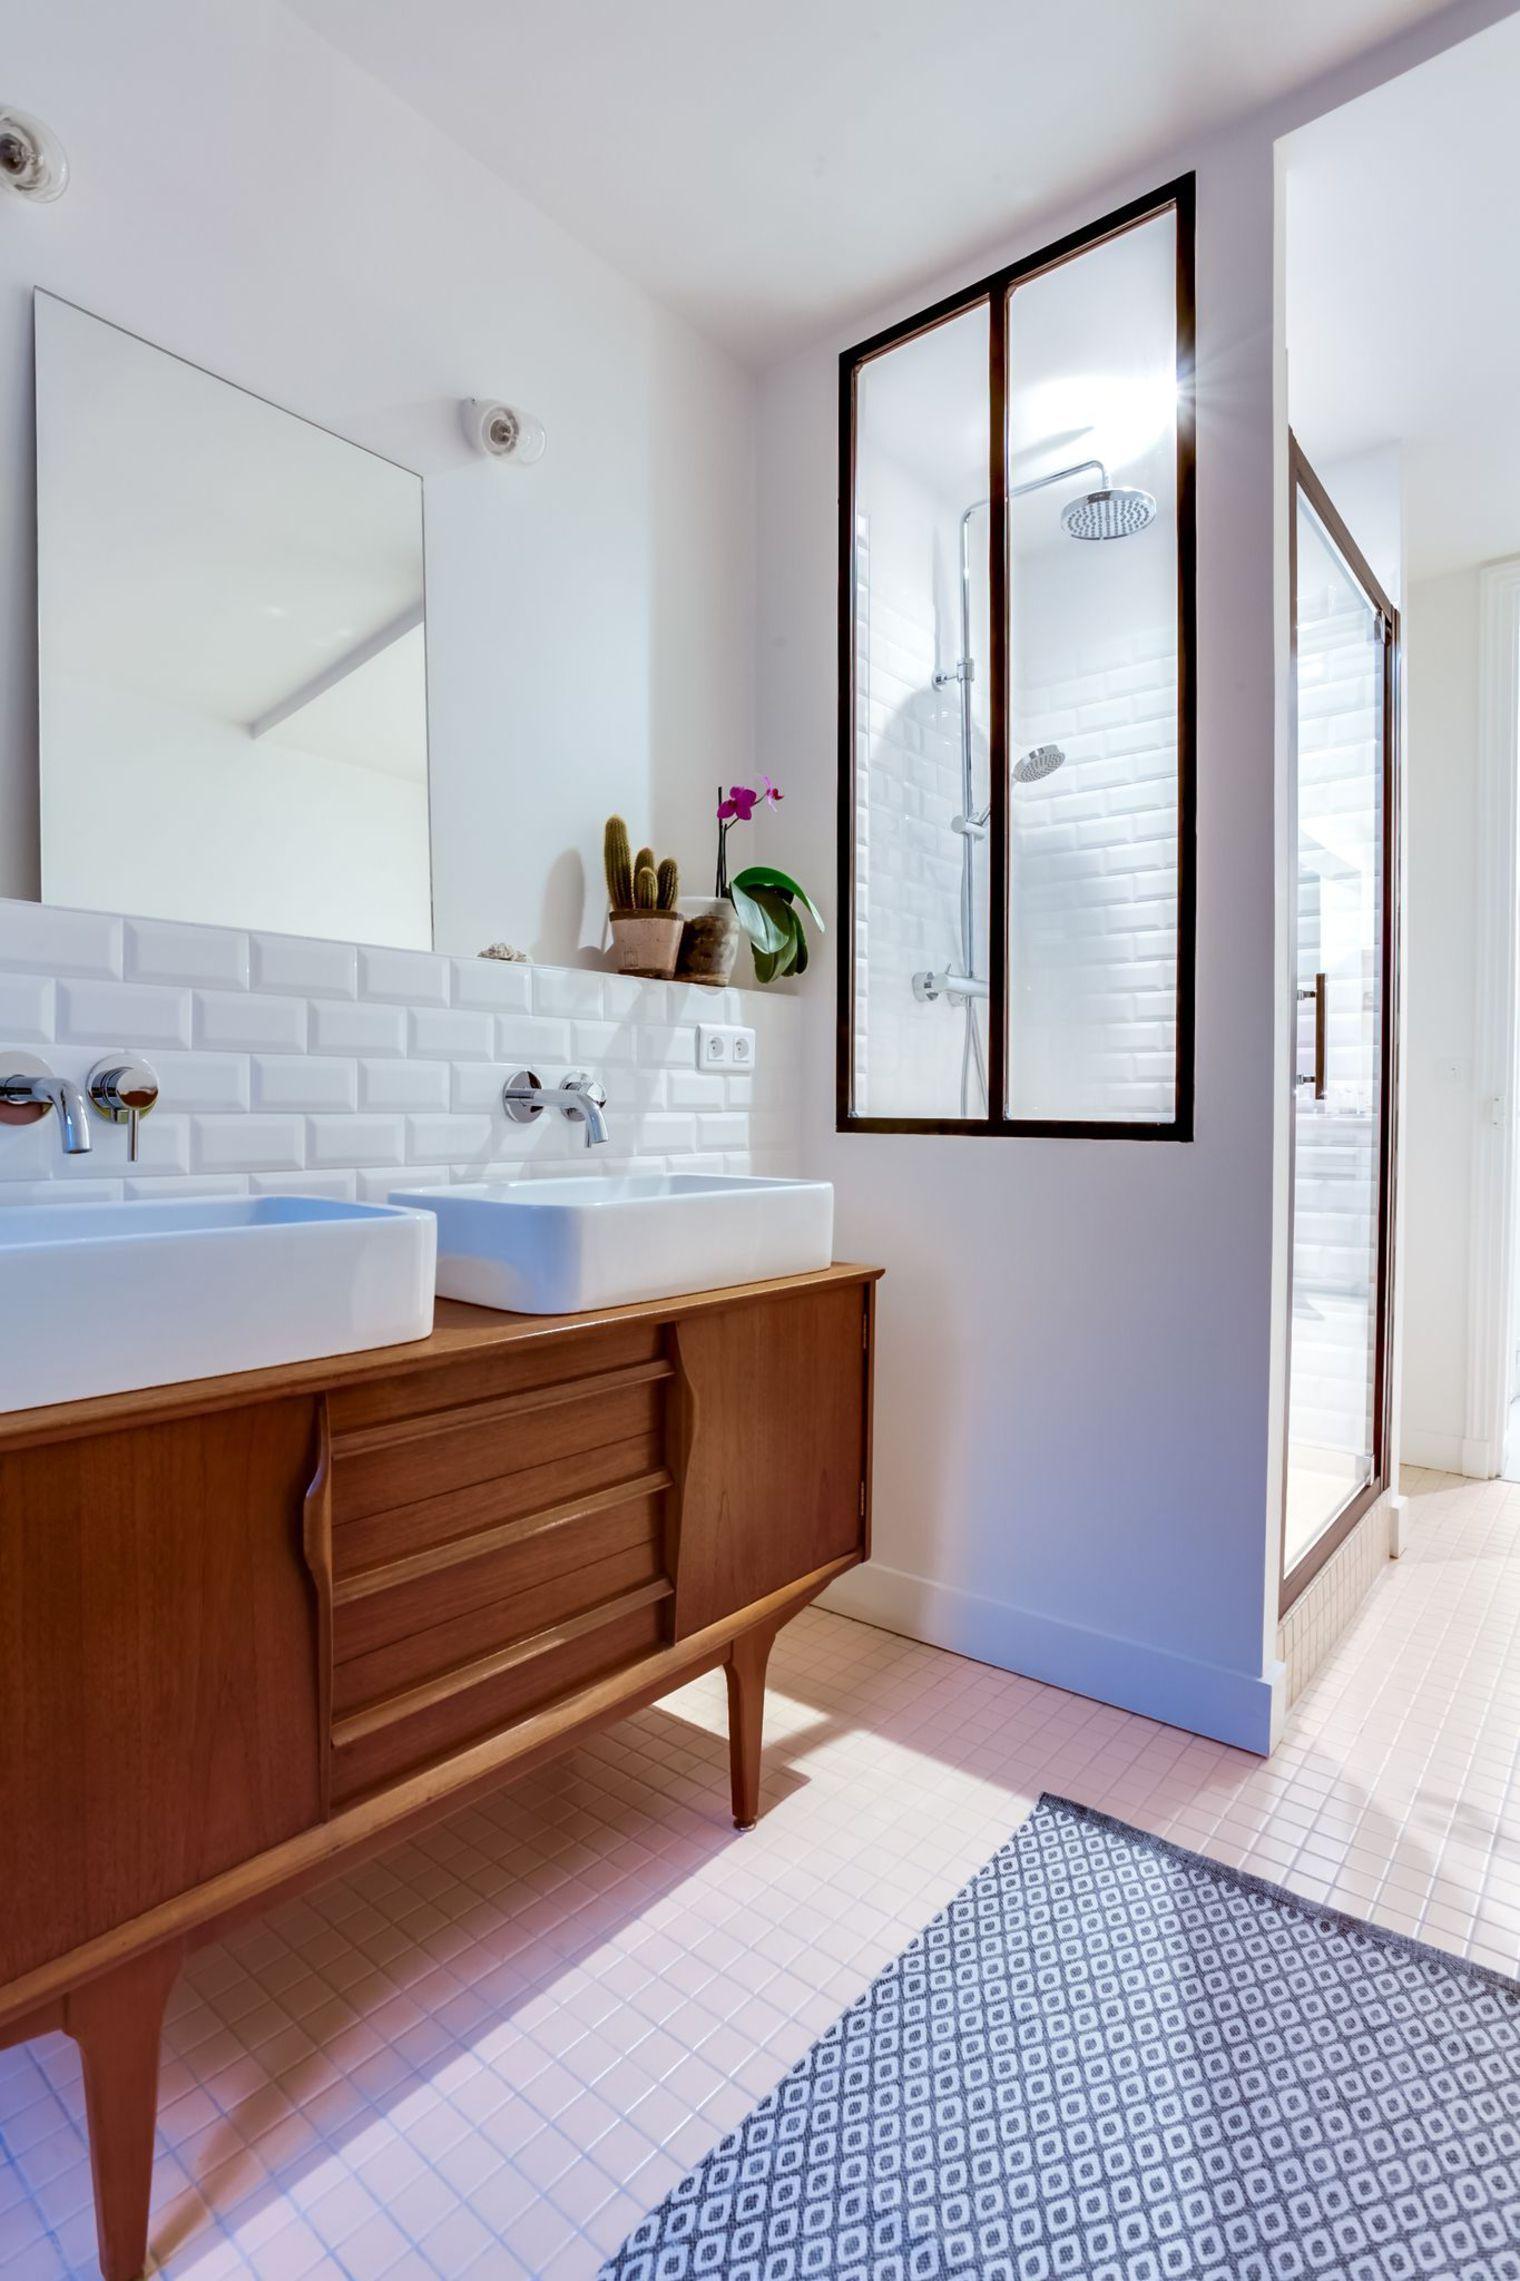 Salle de bain double vasque meuble scandinave Meuble vasque pour petite salle de bain